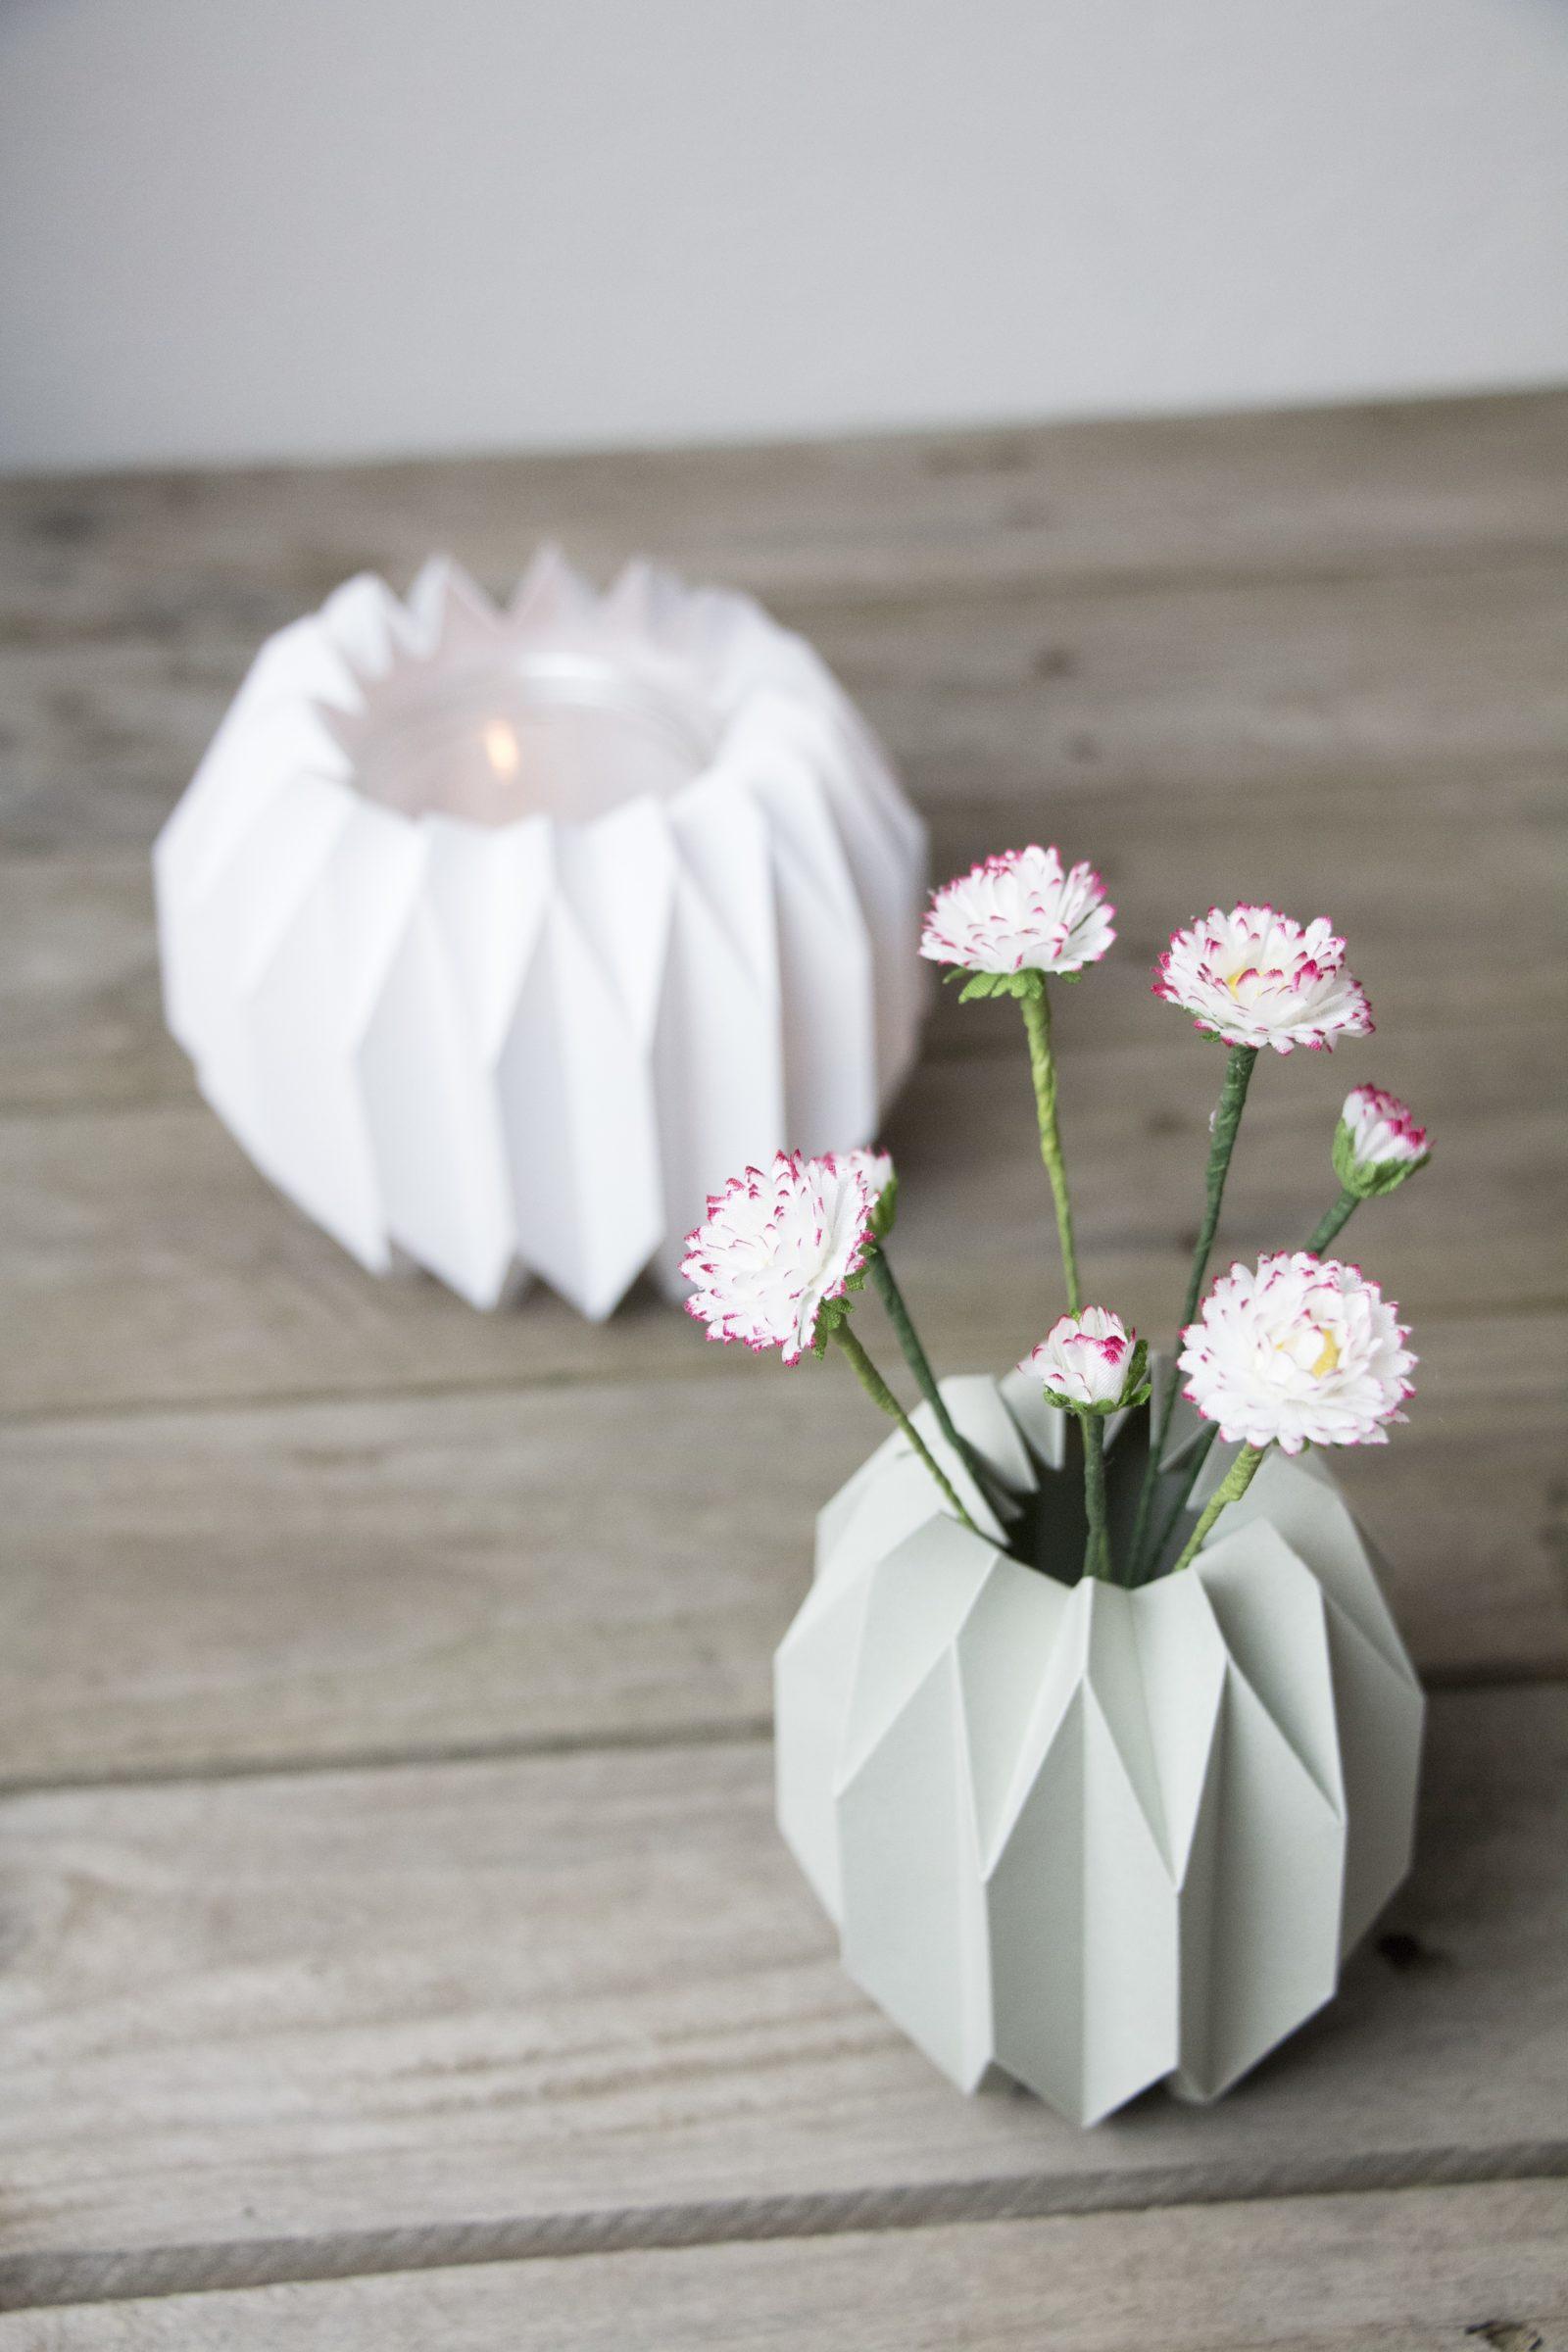 Geometrische Vase & Windlicht im Origami Design HANDMADE Kultur